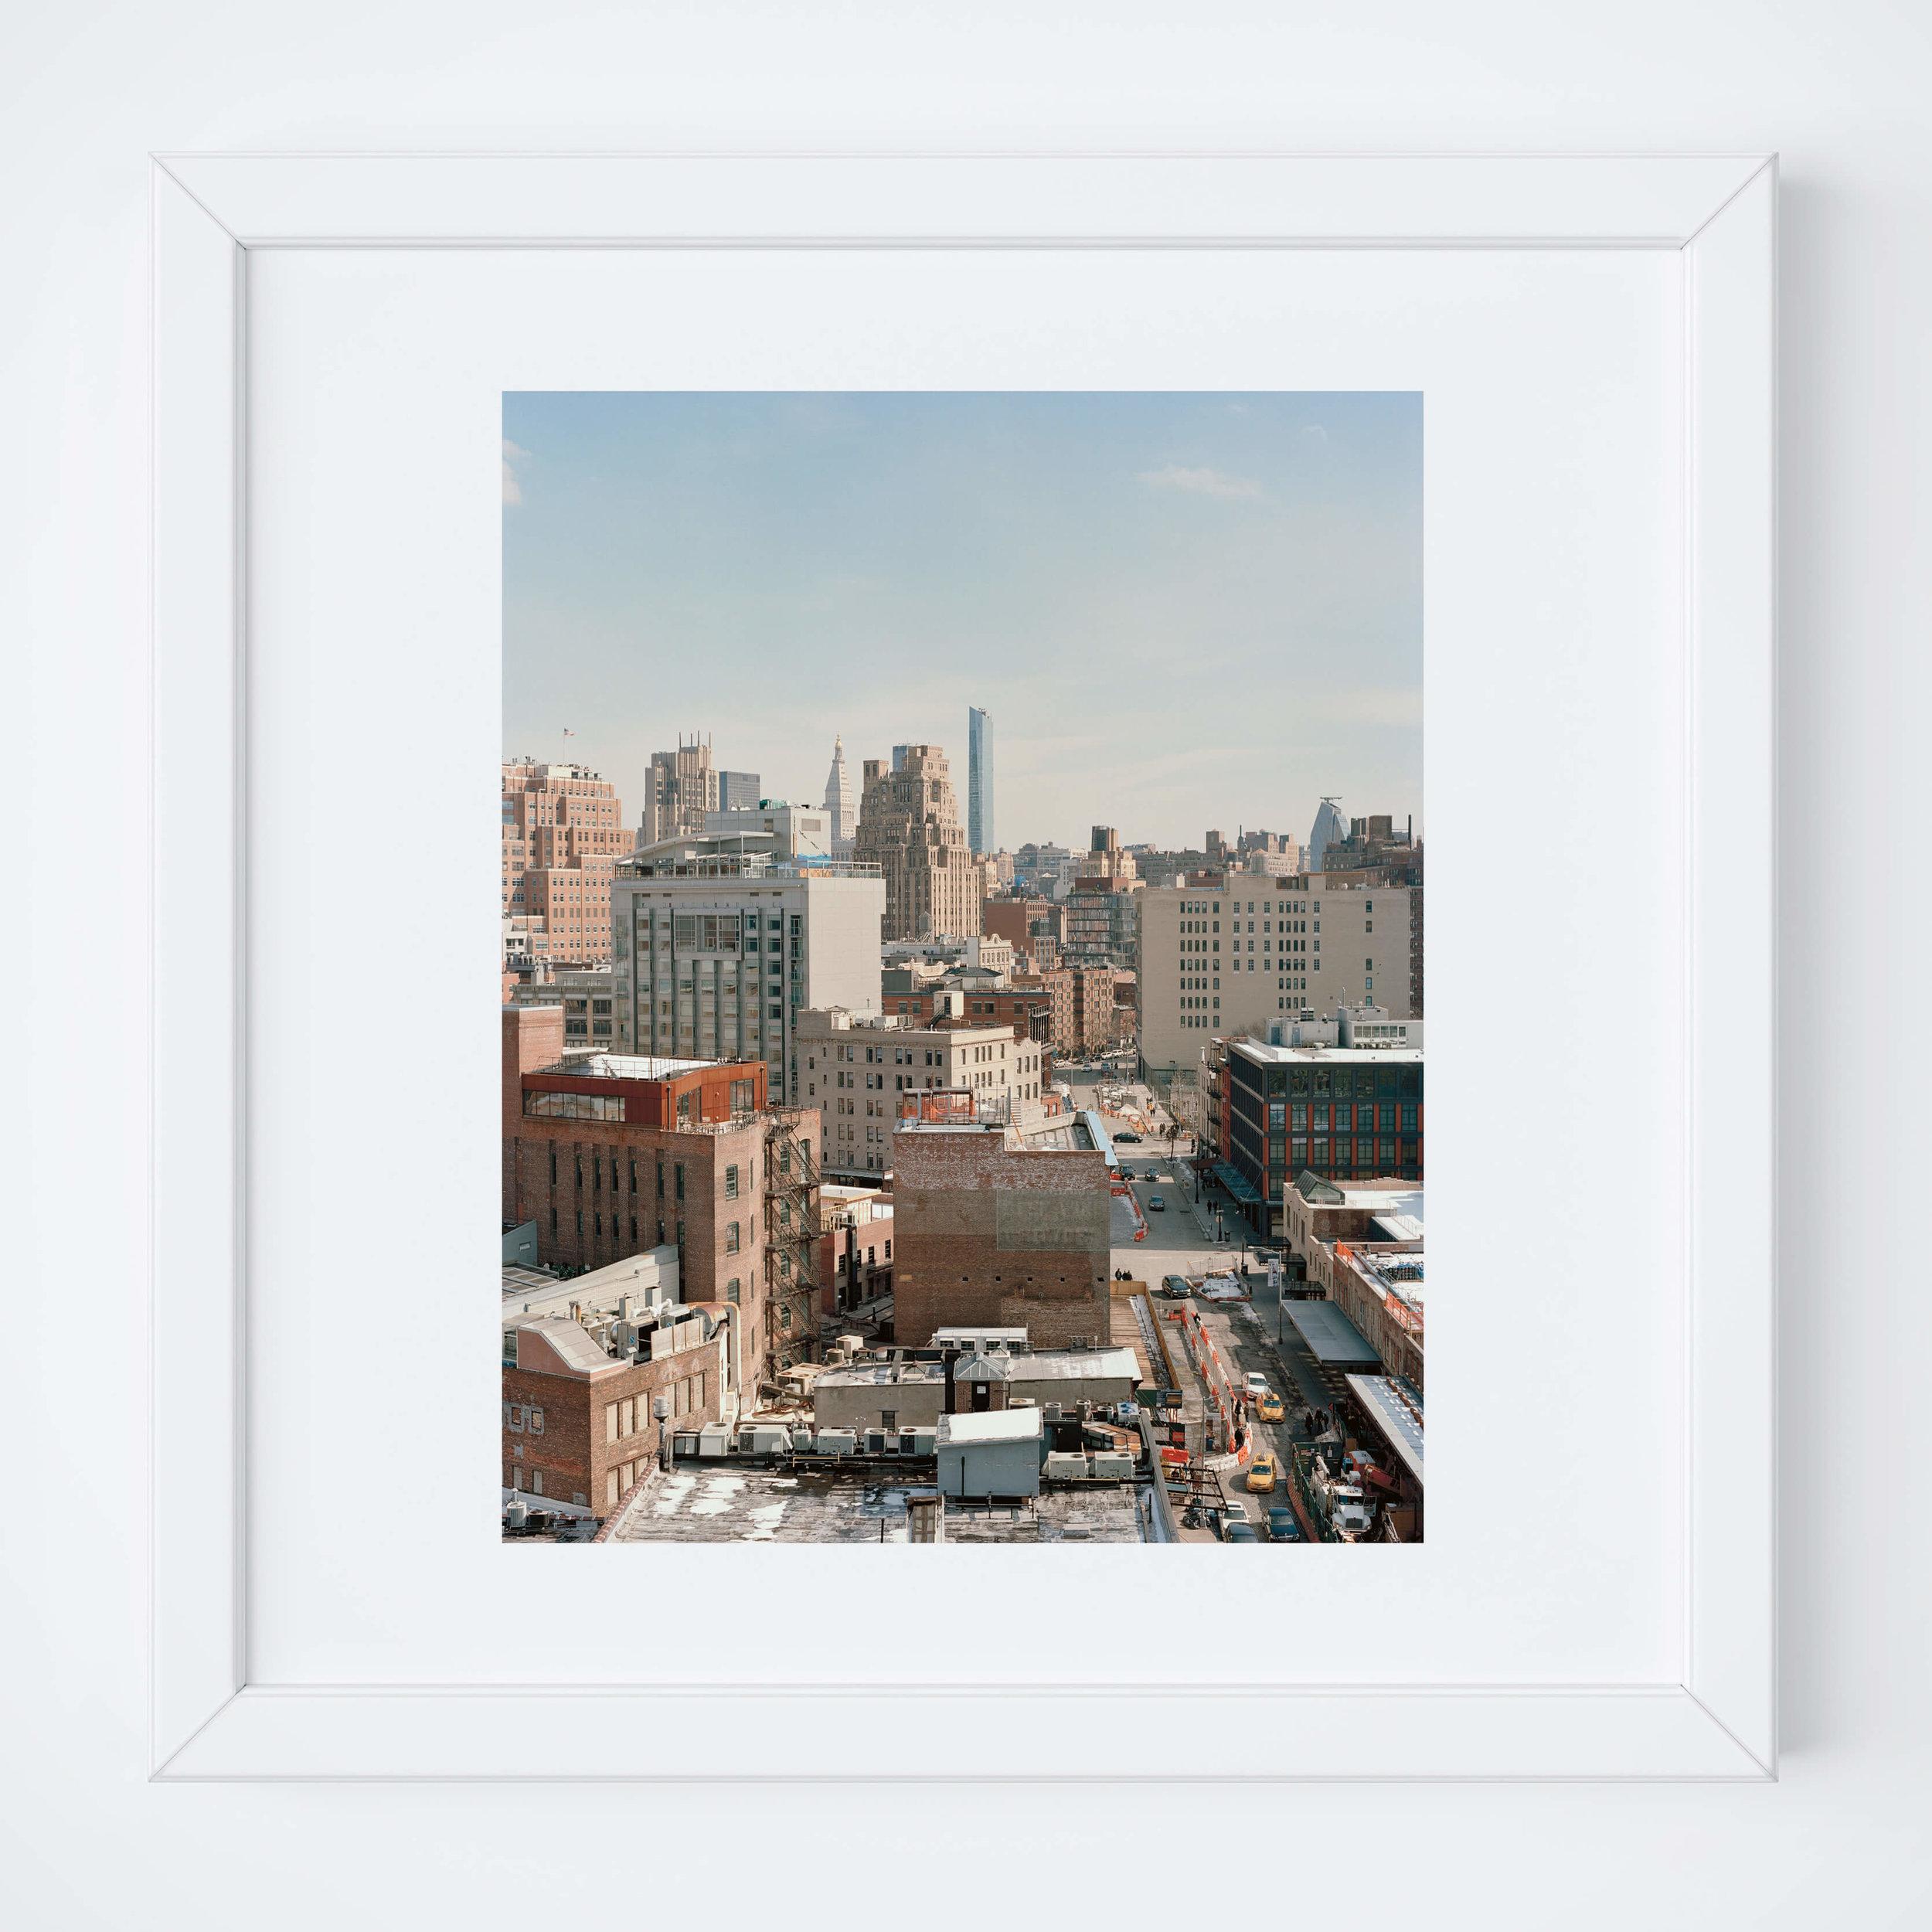 NYC-White-Frame-Mock-Up.jpg